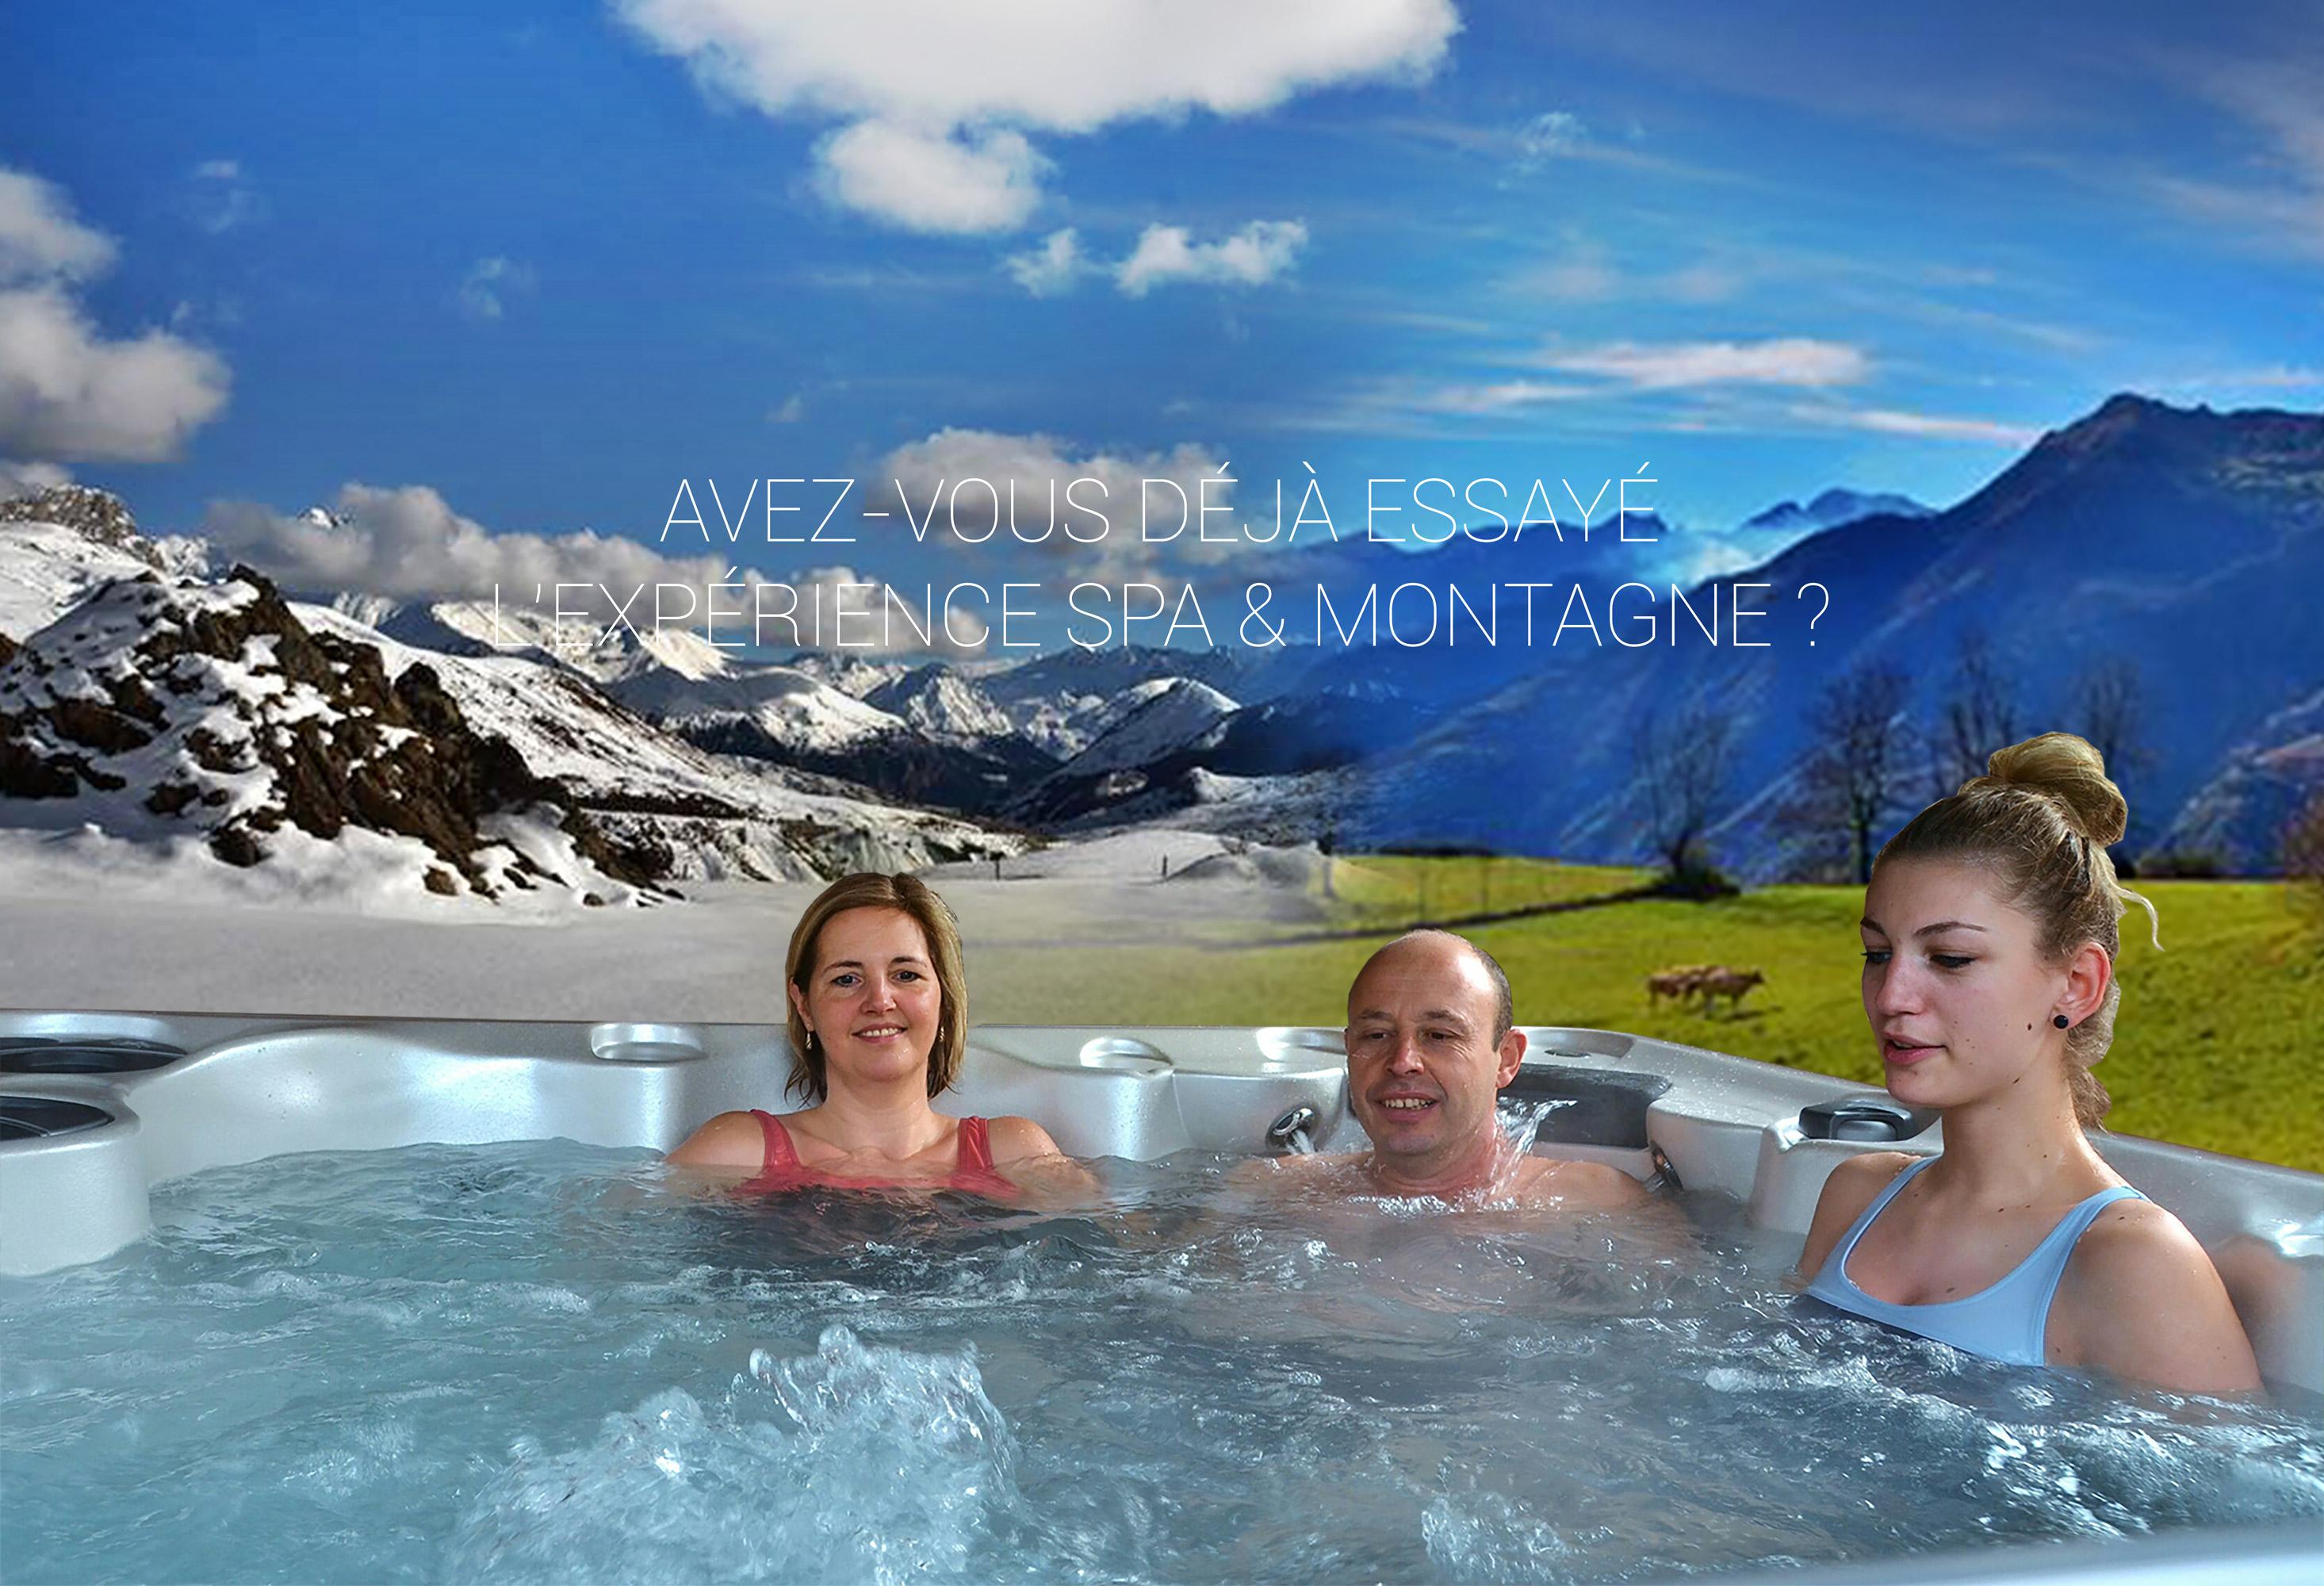 institut-spa-montagne-slider-1-fullheight-06.05.21